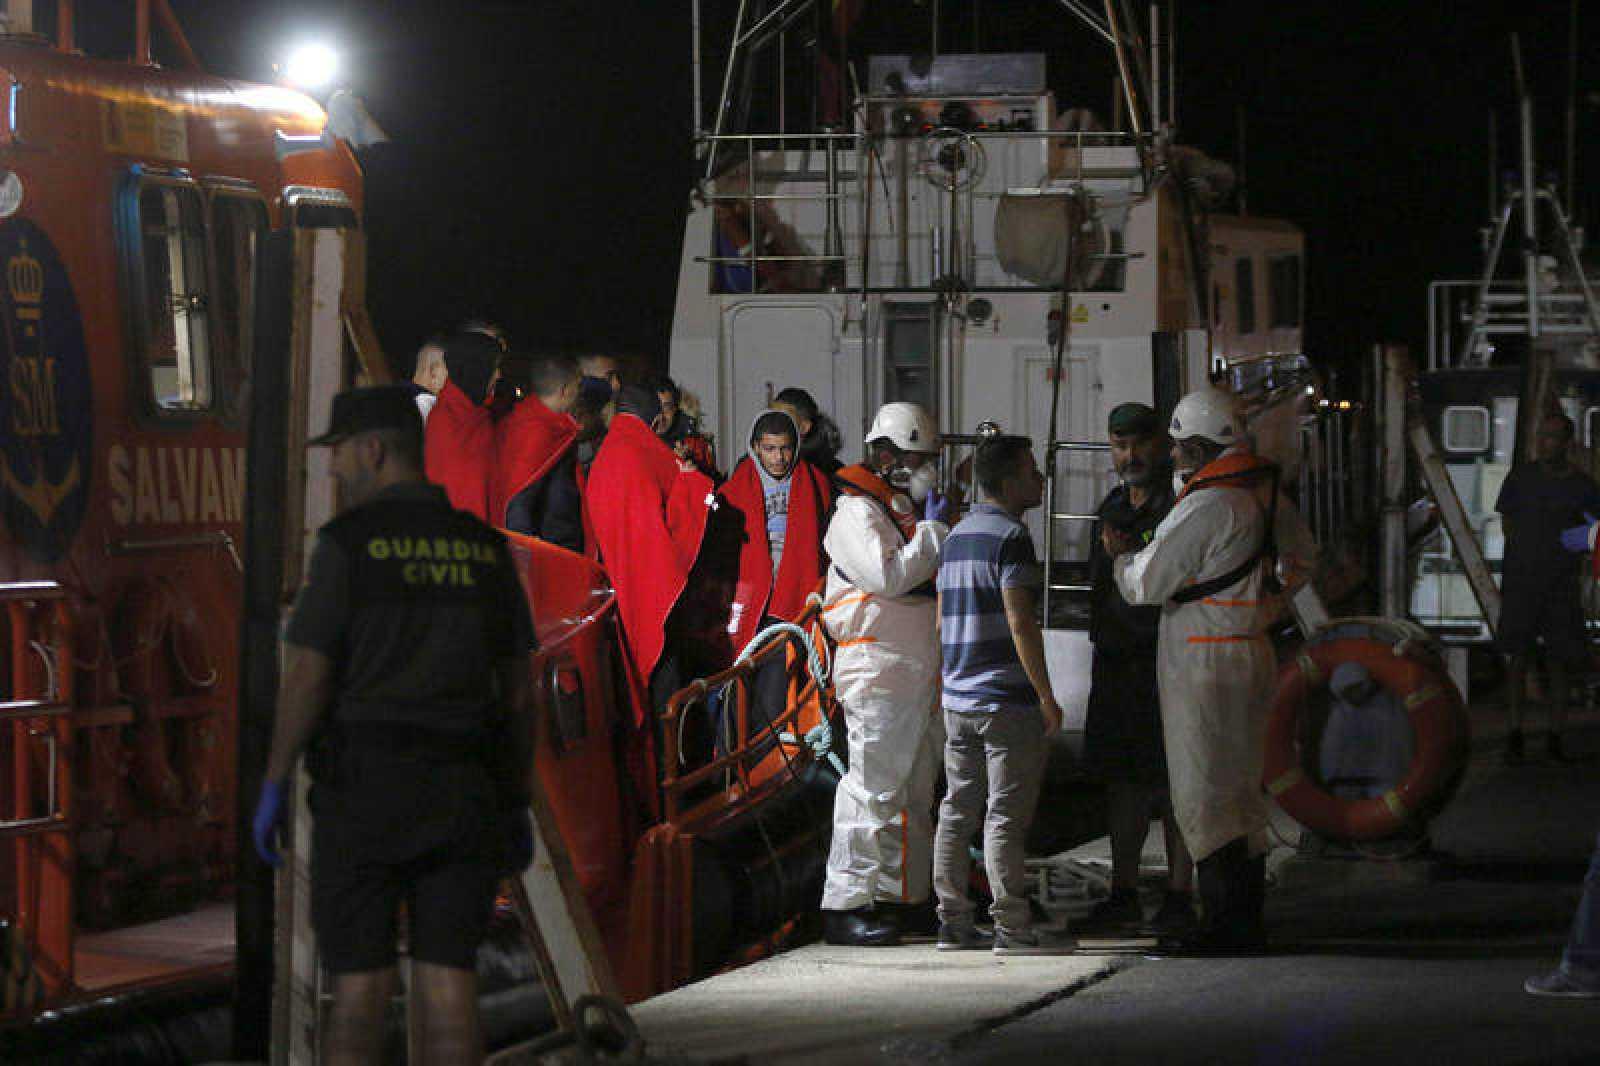 Anoche llegaban al puerto de Almería 16 varones de orígen magrebí tras ser rescatados